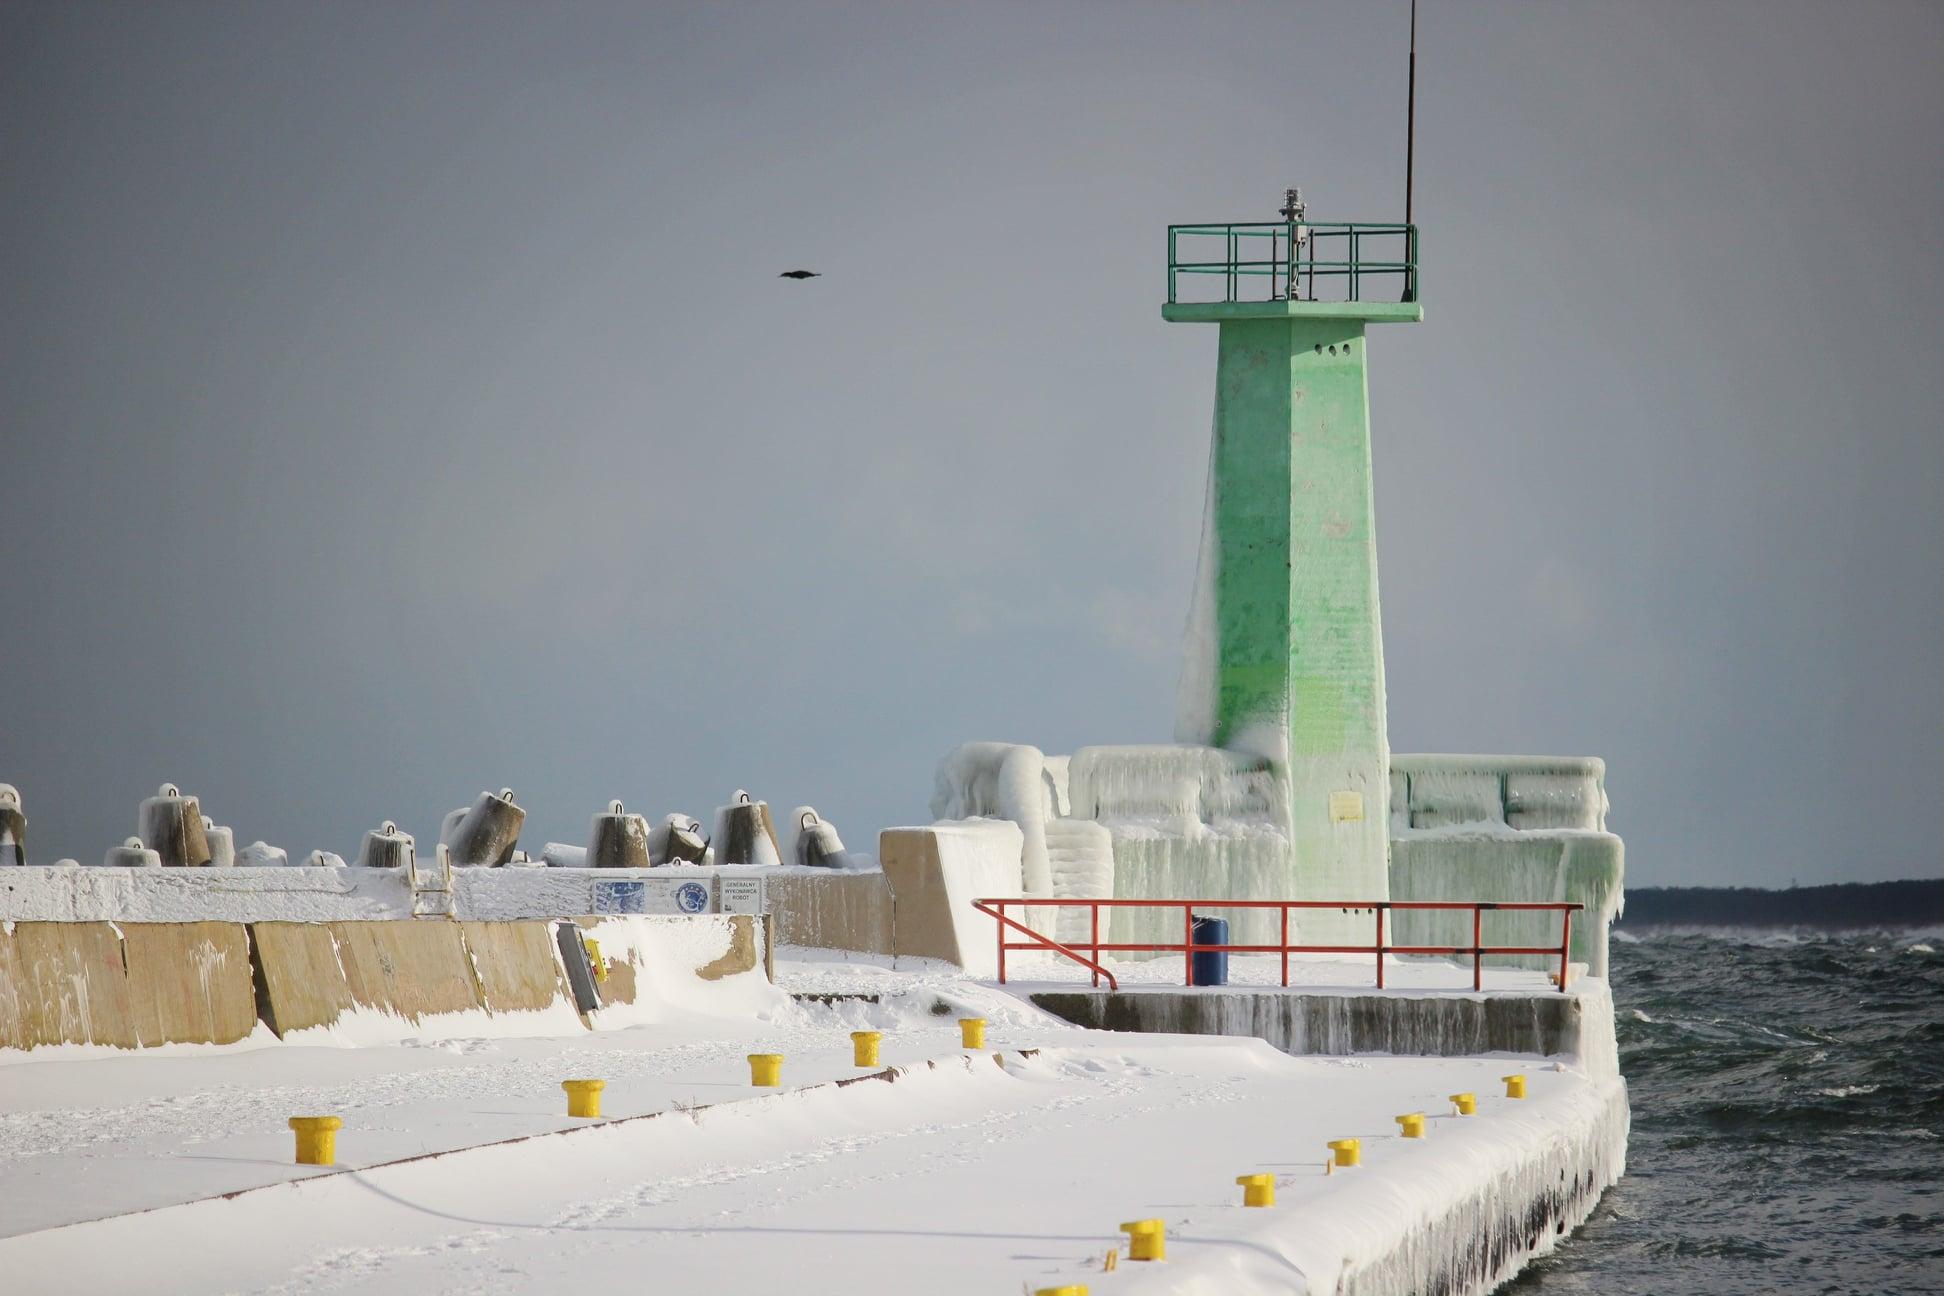 Foto Powiat Pucki: port we Władysławowie skuty lodem. To wyczarowała zima! | ZDJĘCIA